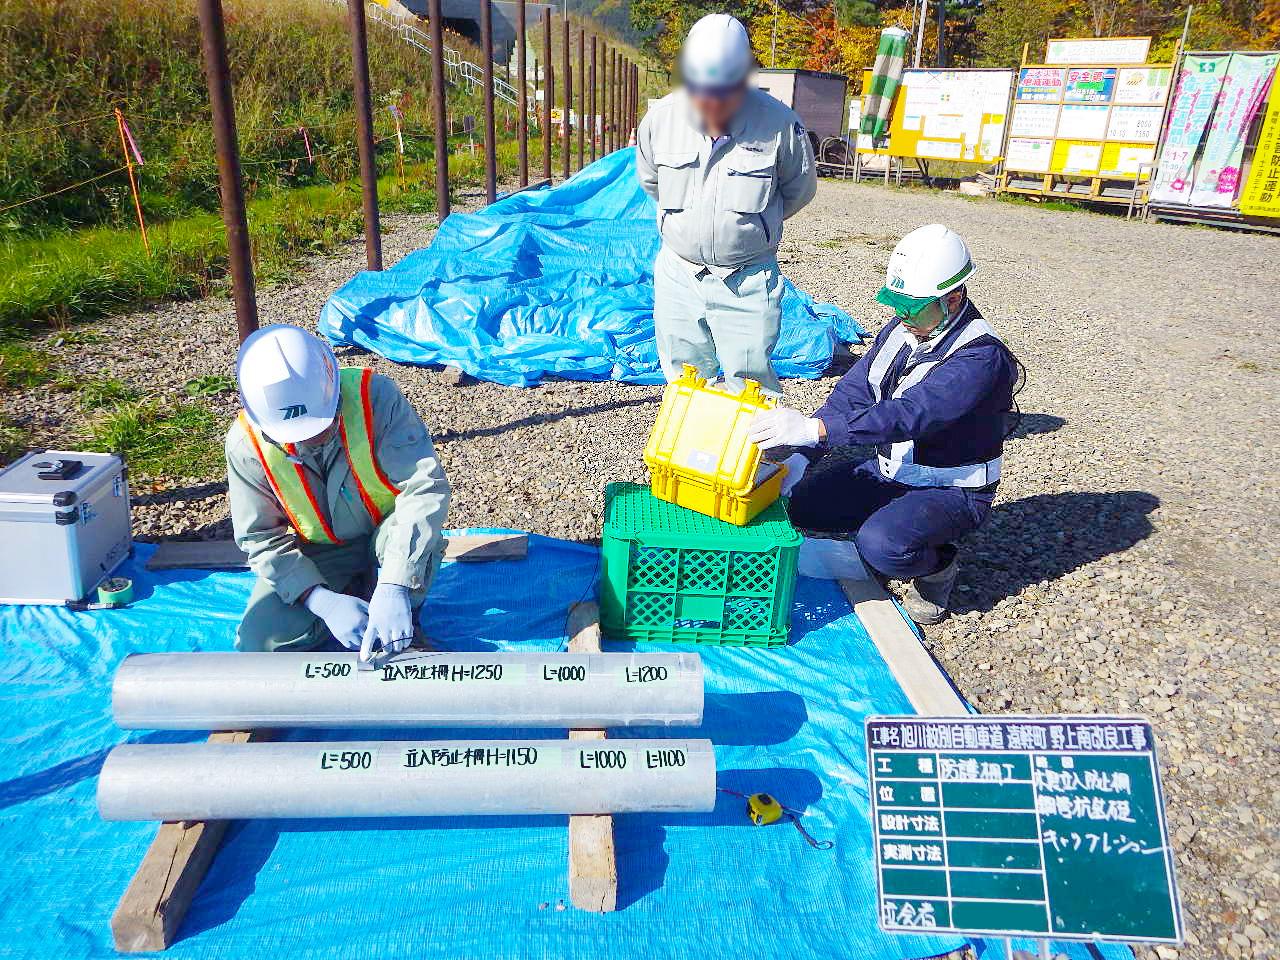 立入防止柵 鋼製防護柵非破壊試験 非破壊試験